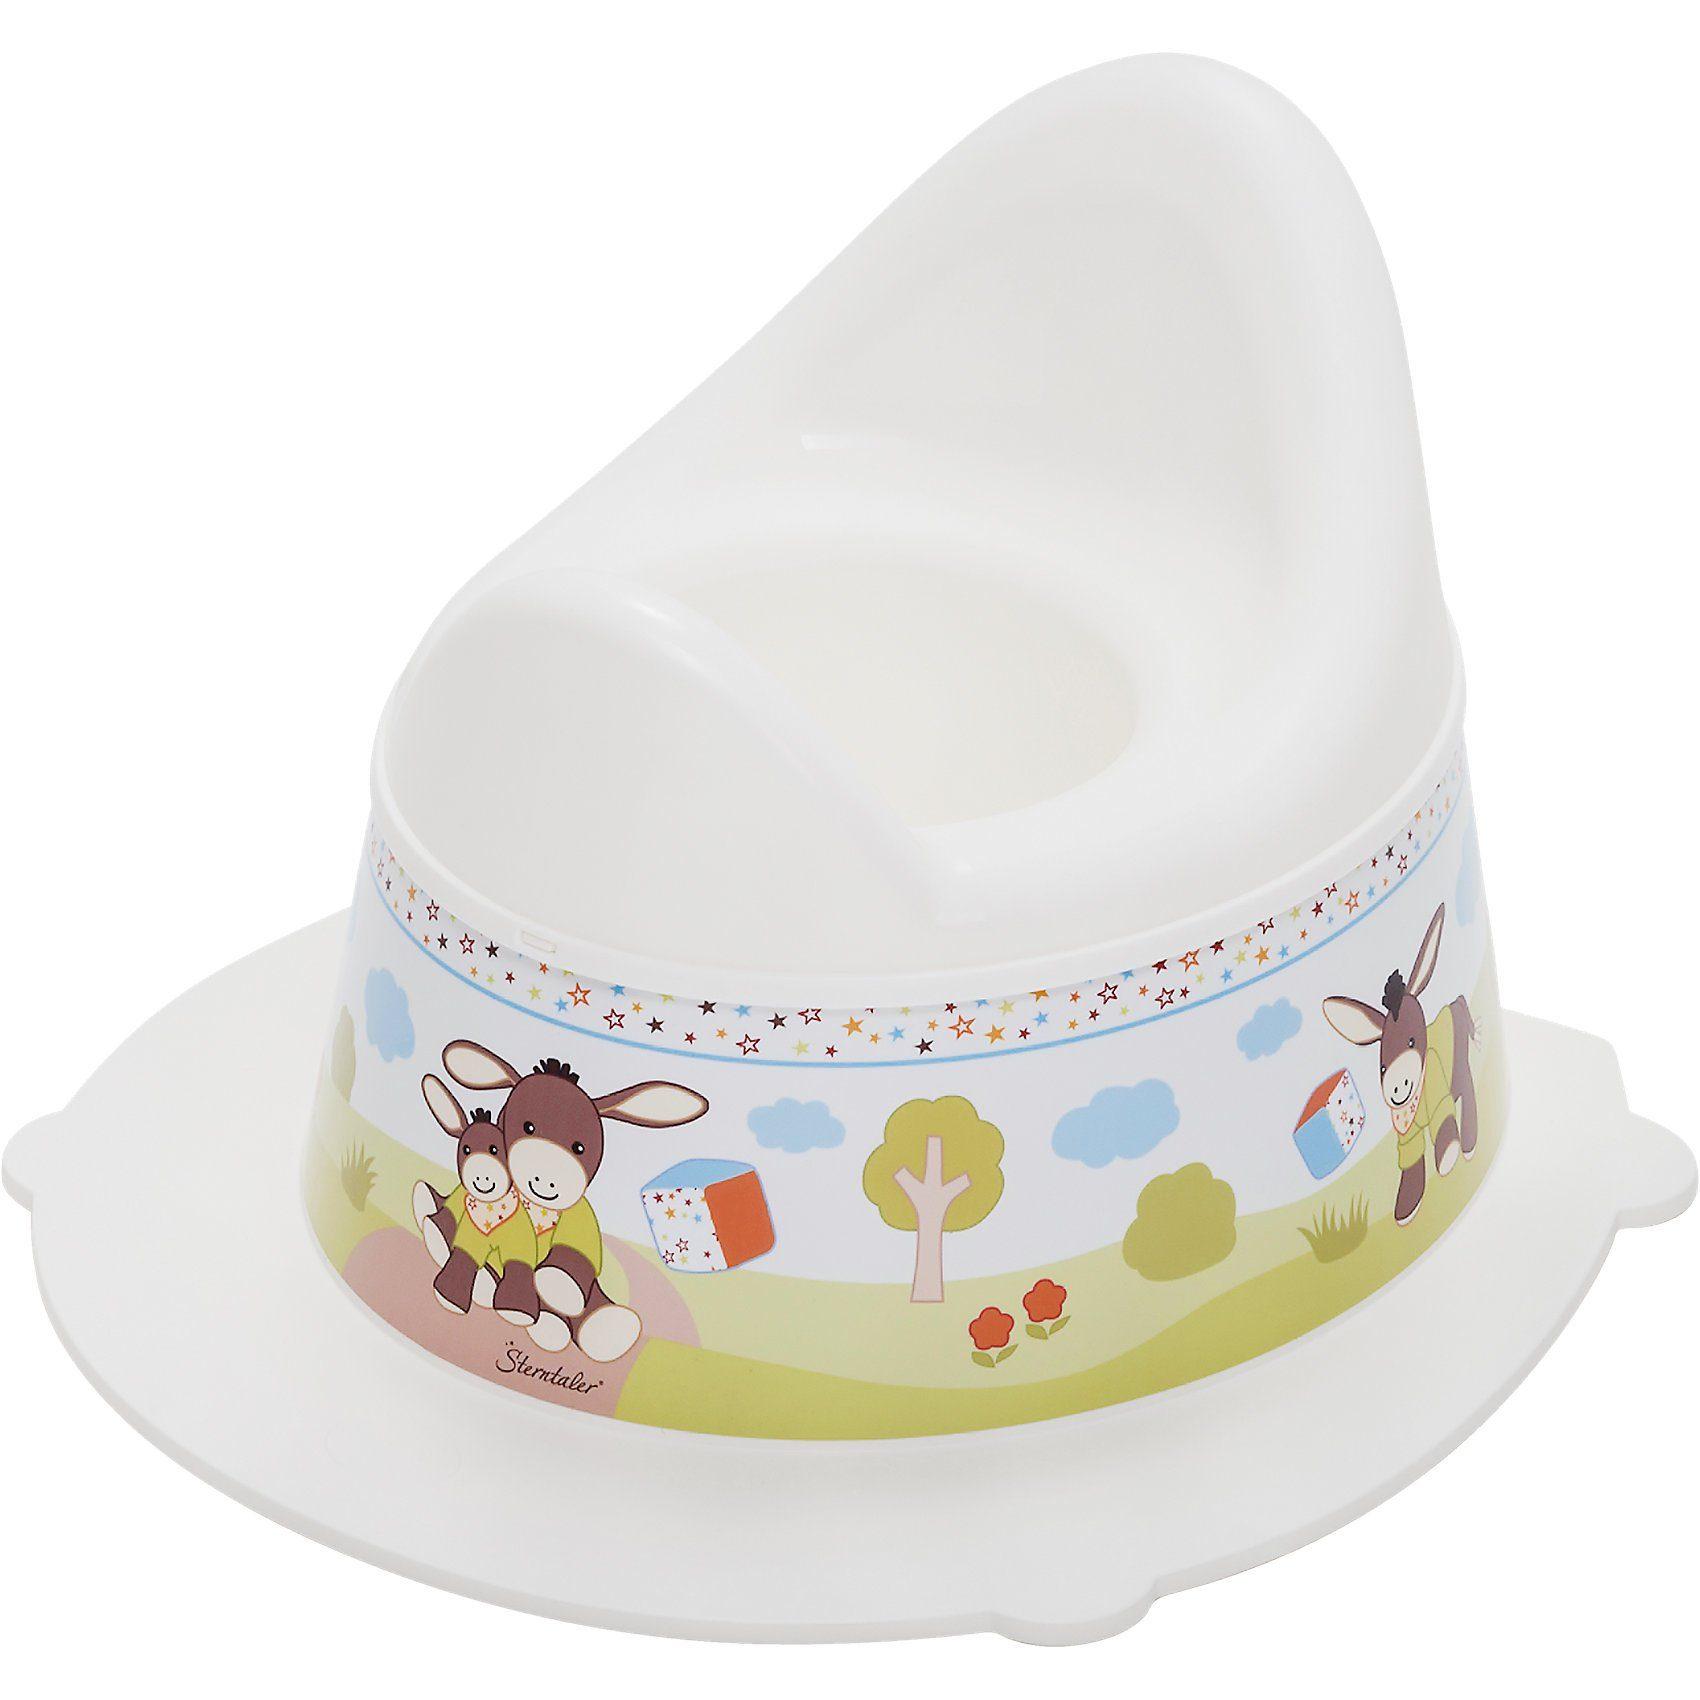 Rotho Babydesign Töpfchen Style, Sterntaler Emmy, weiß